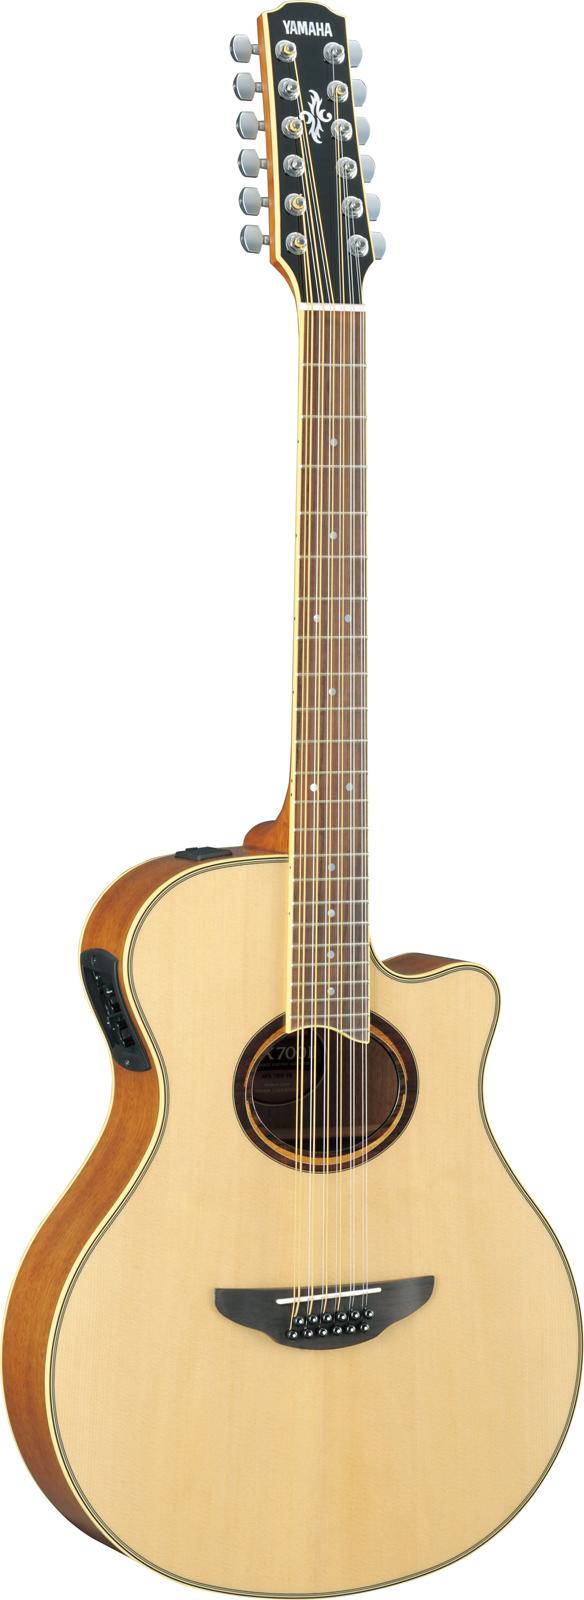 Buy Yamaha Apx Ii Guitar